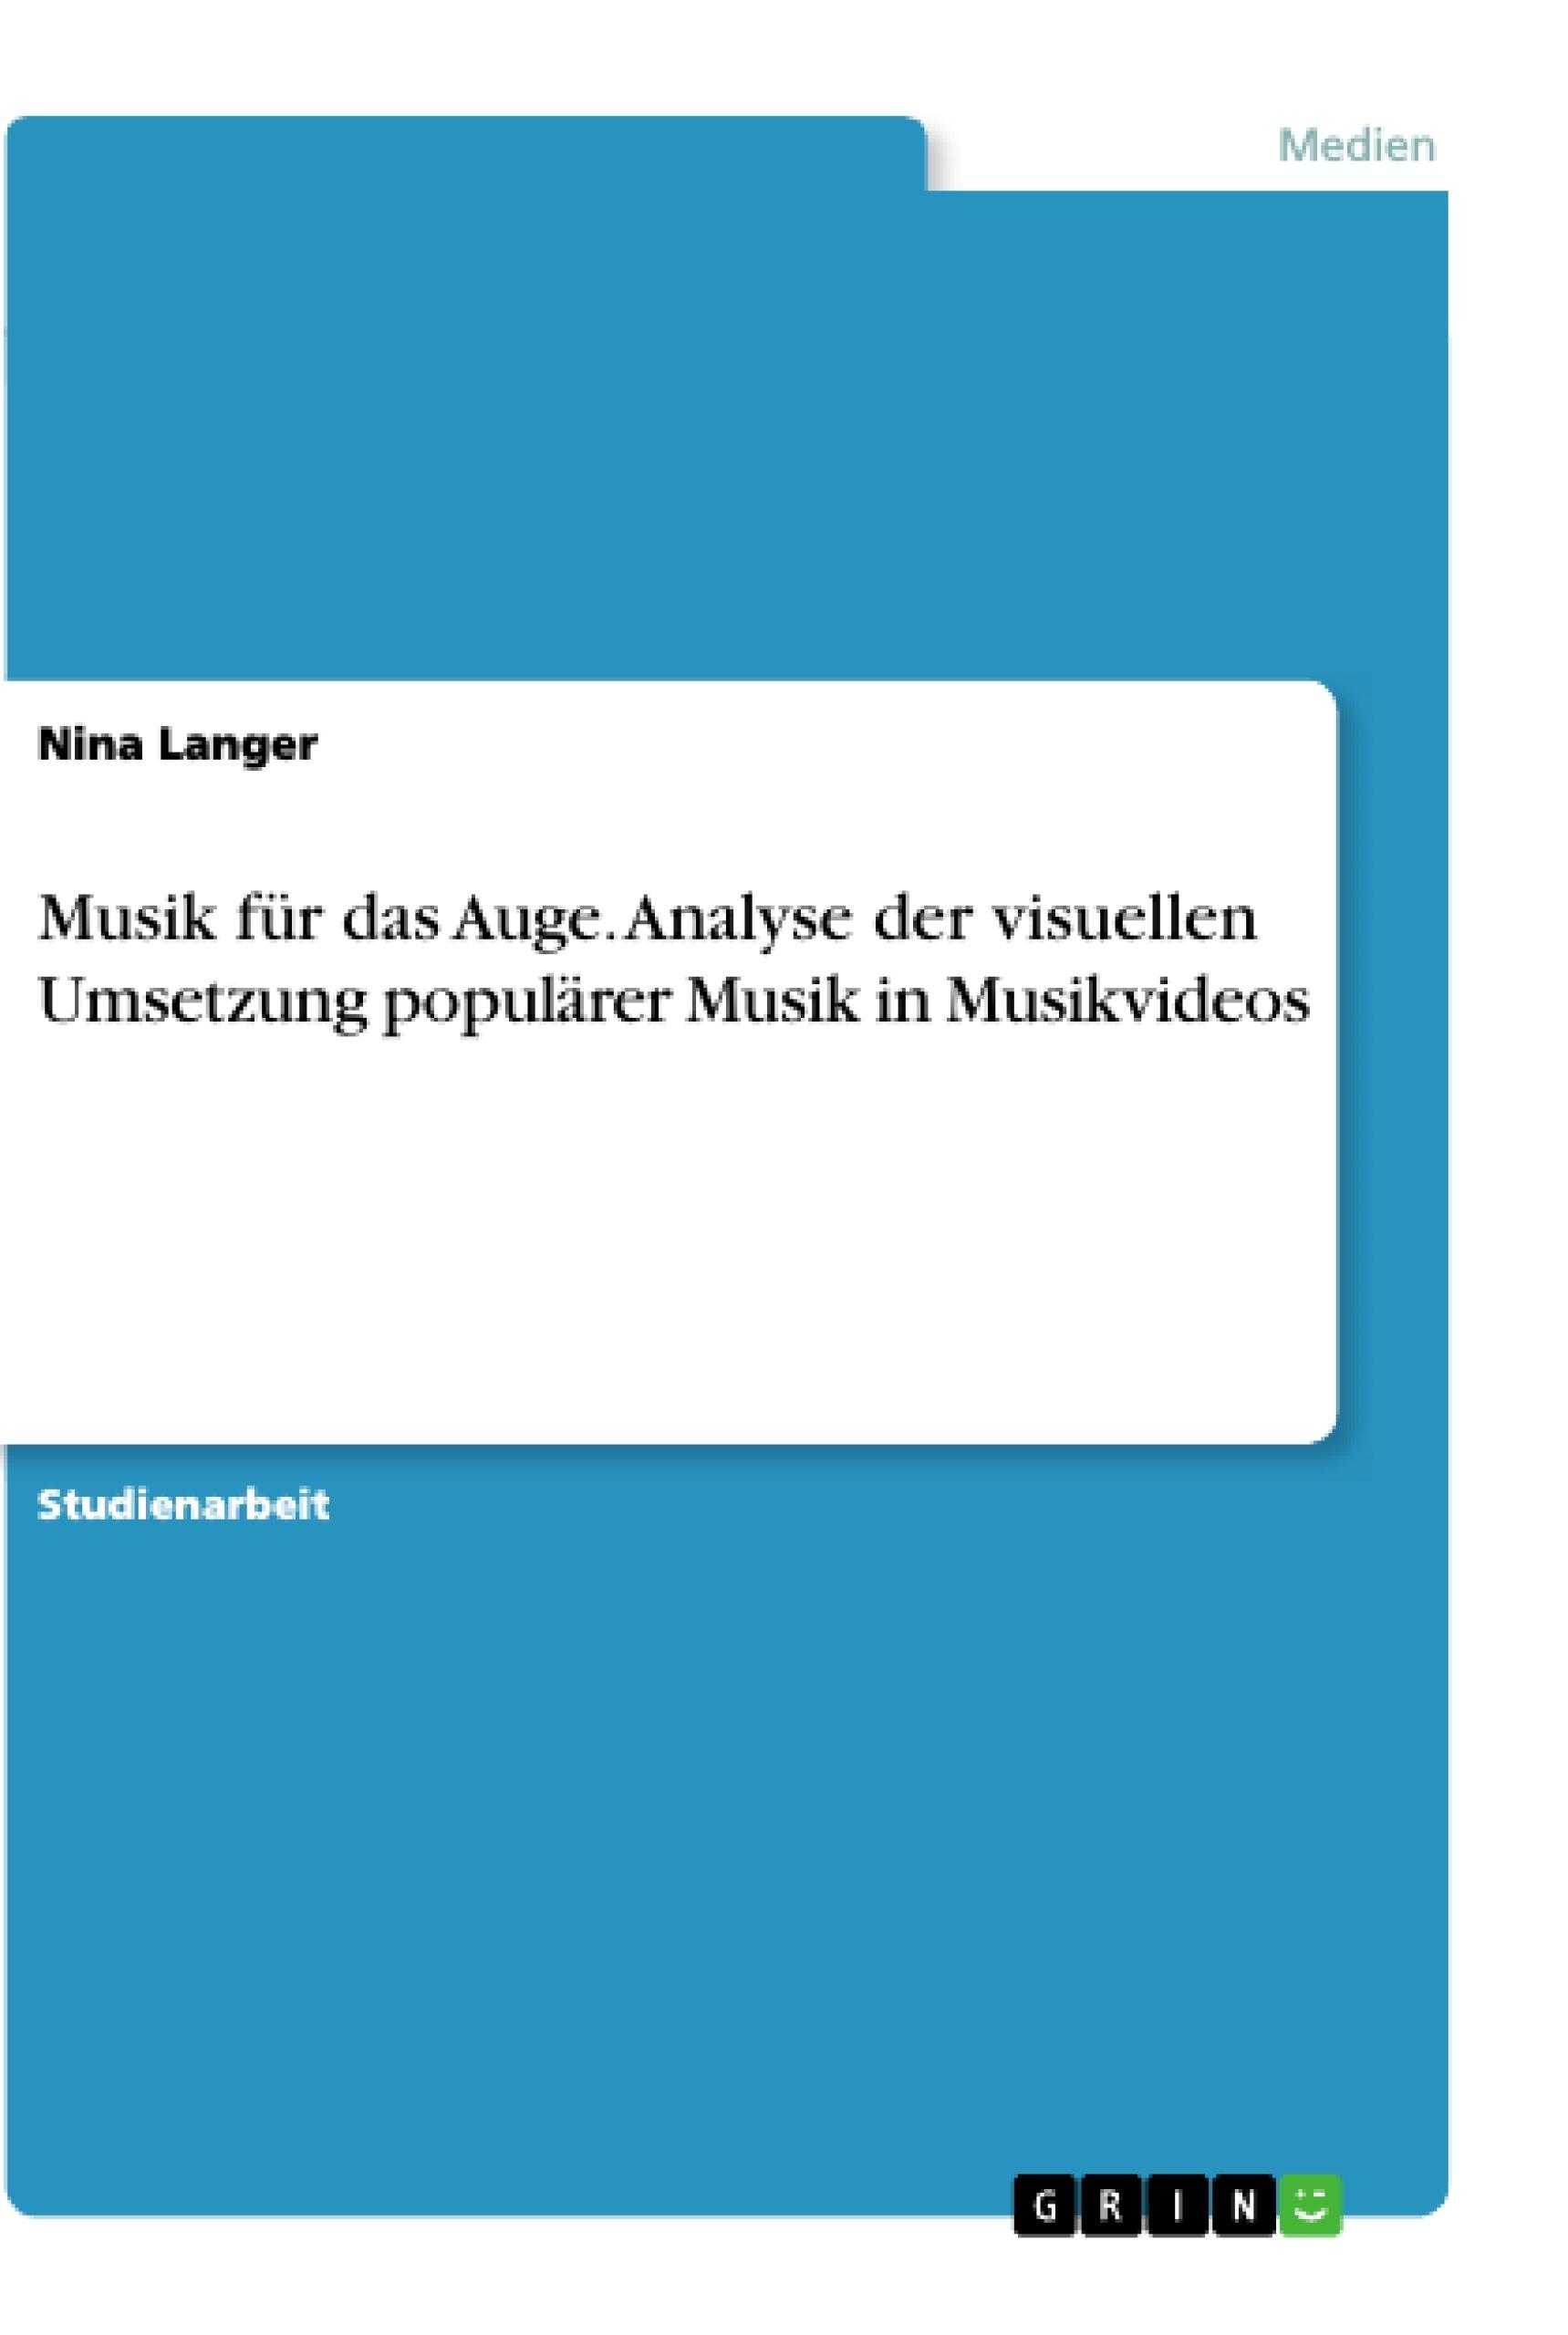 Titel: Musik für das Auge. Analyse der visuellen Umsetzung populärer Musik in Musikvideos